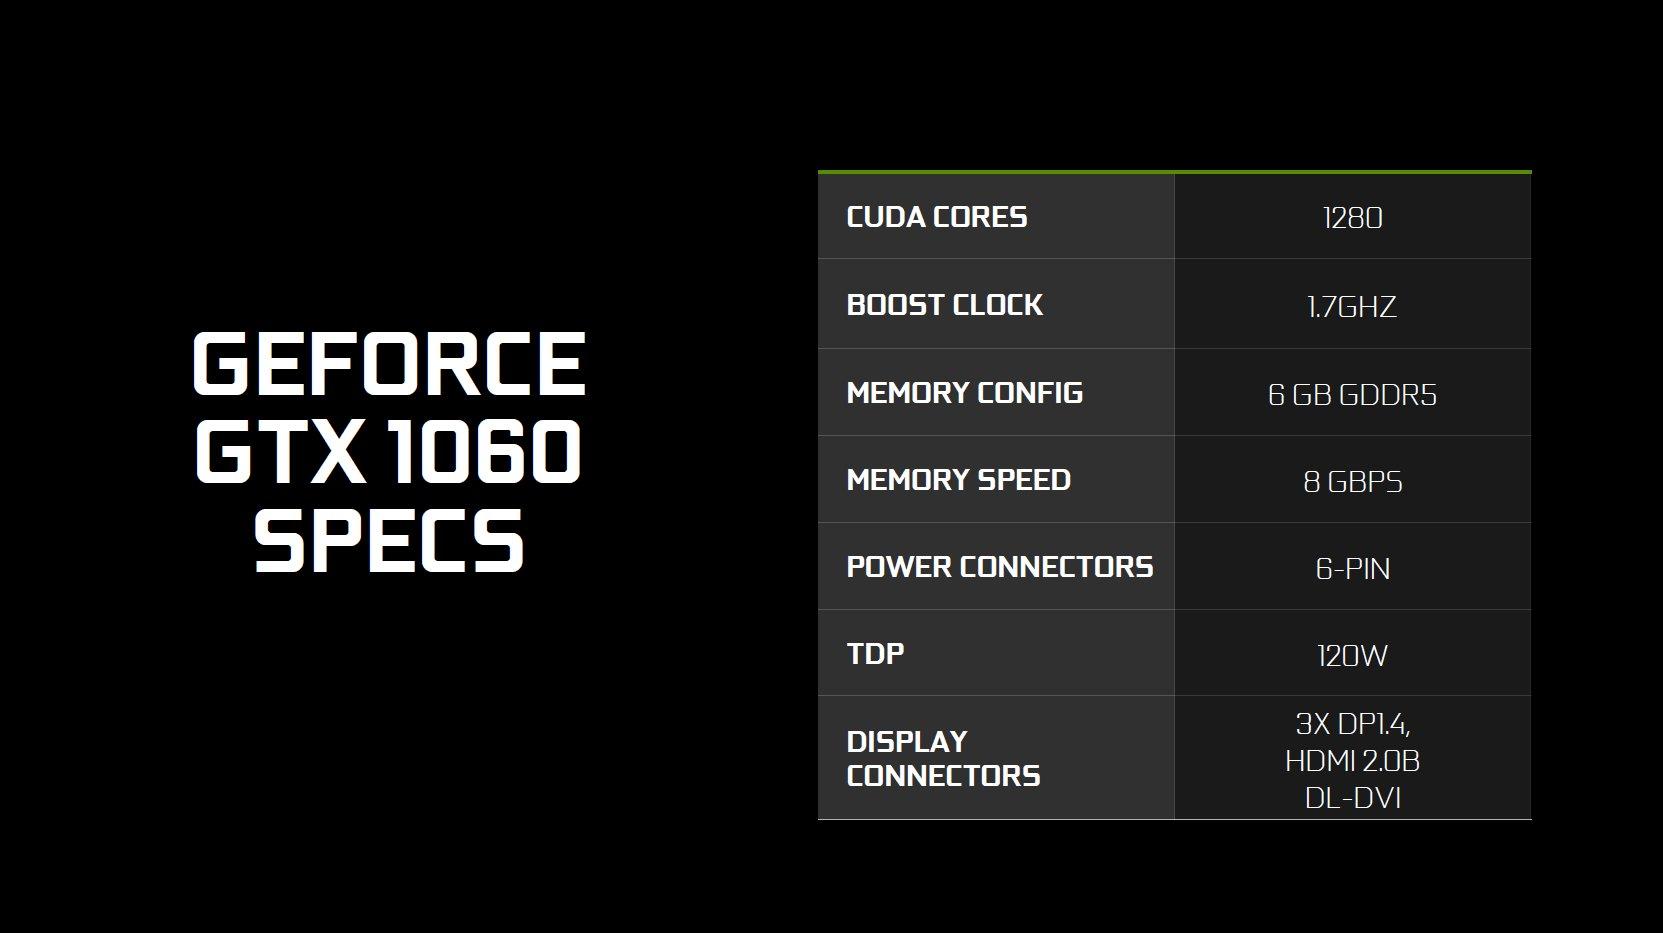 Präsentation zur GeForce GTX 1060